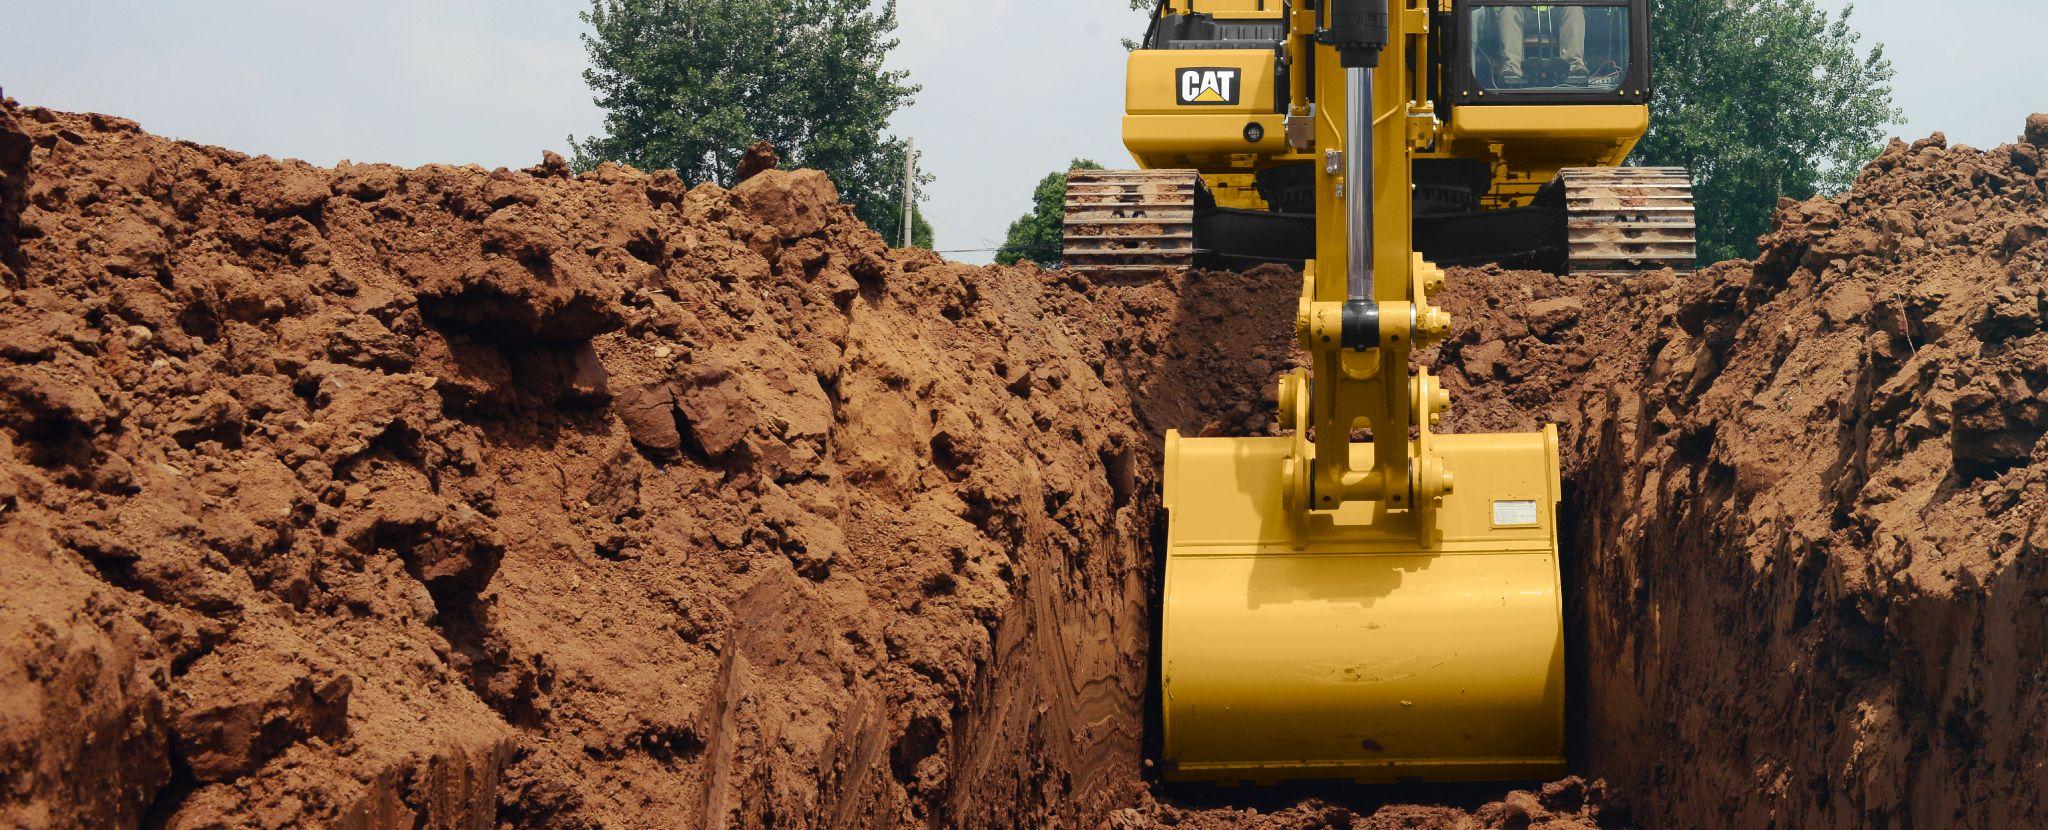 Cat® Excavator Attachments